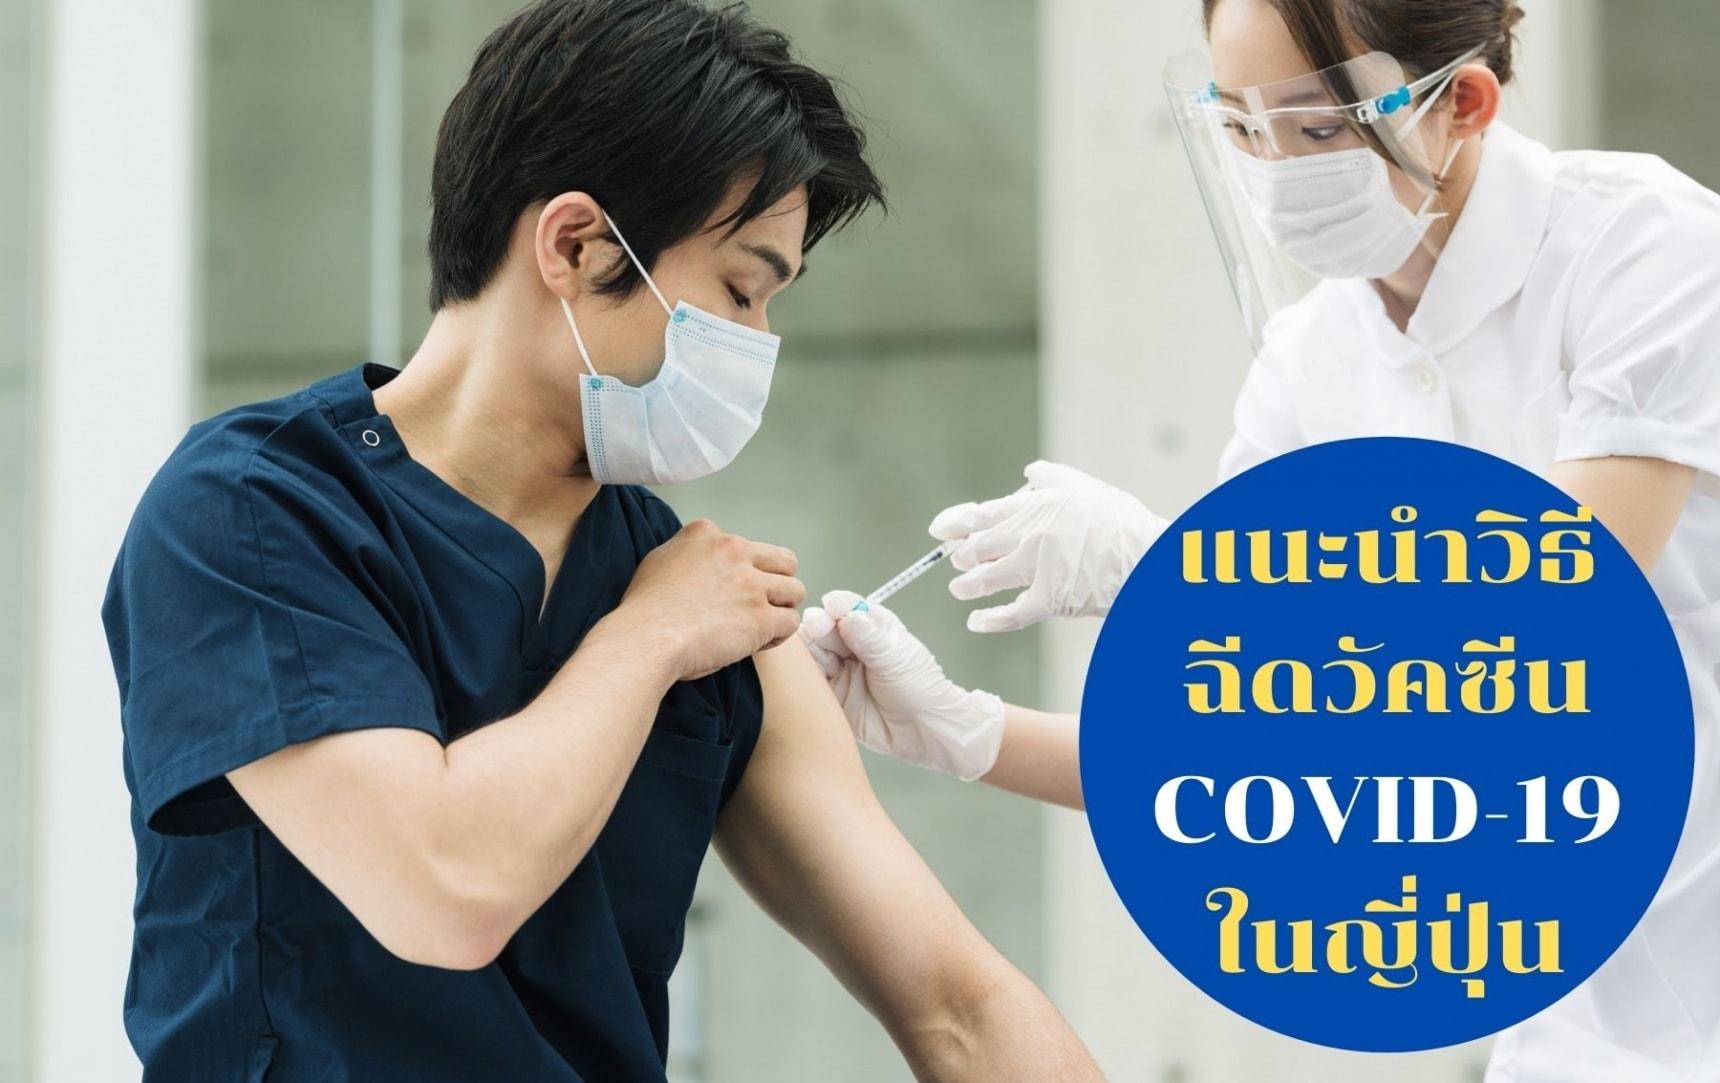 ขั้นตอนง่ายๆ ฉีดวัคซีนที่ญี่ปุ่นเป็นแบบนี้เอง!